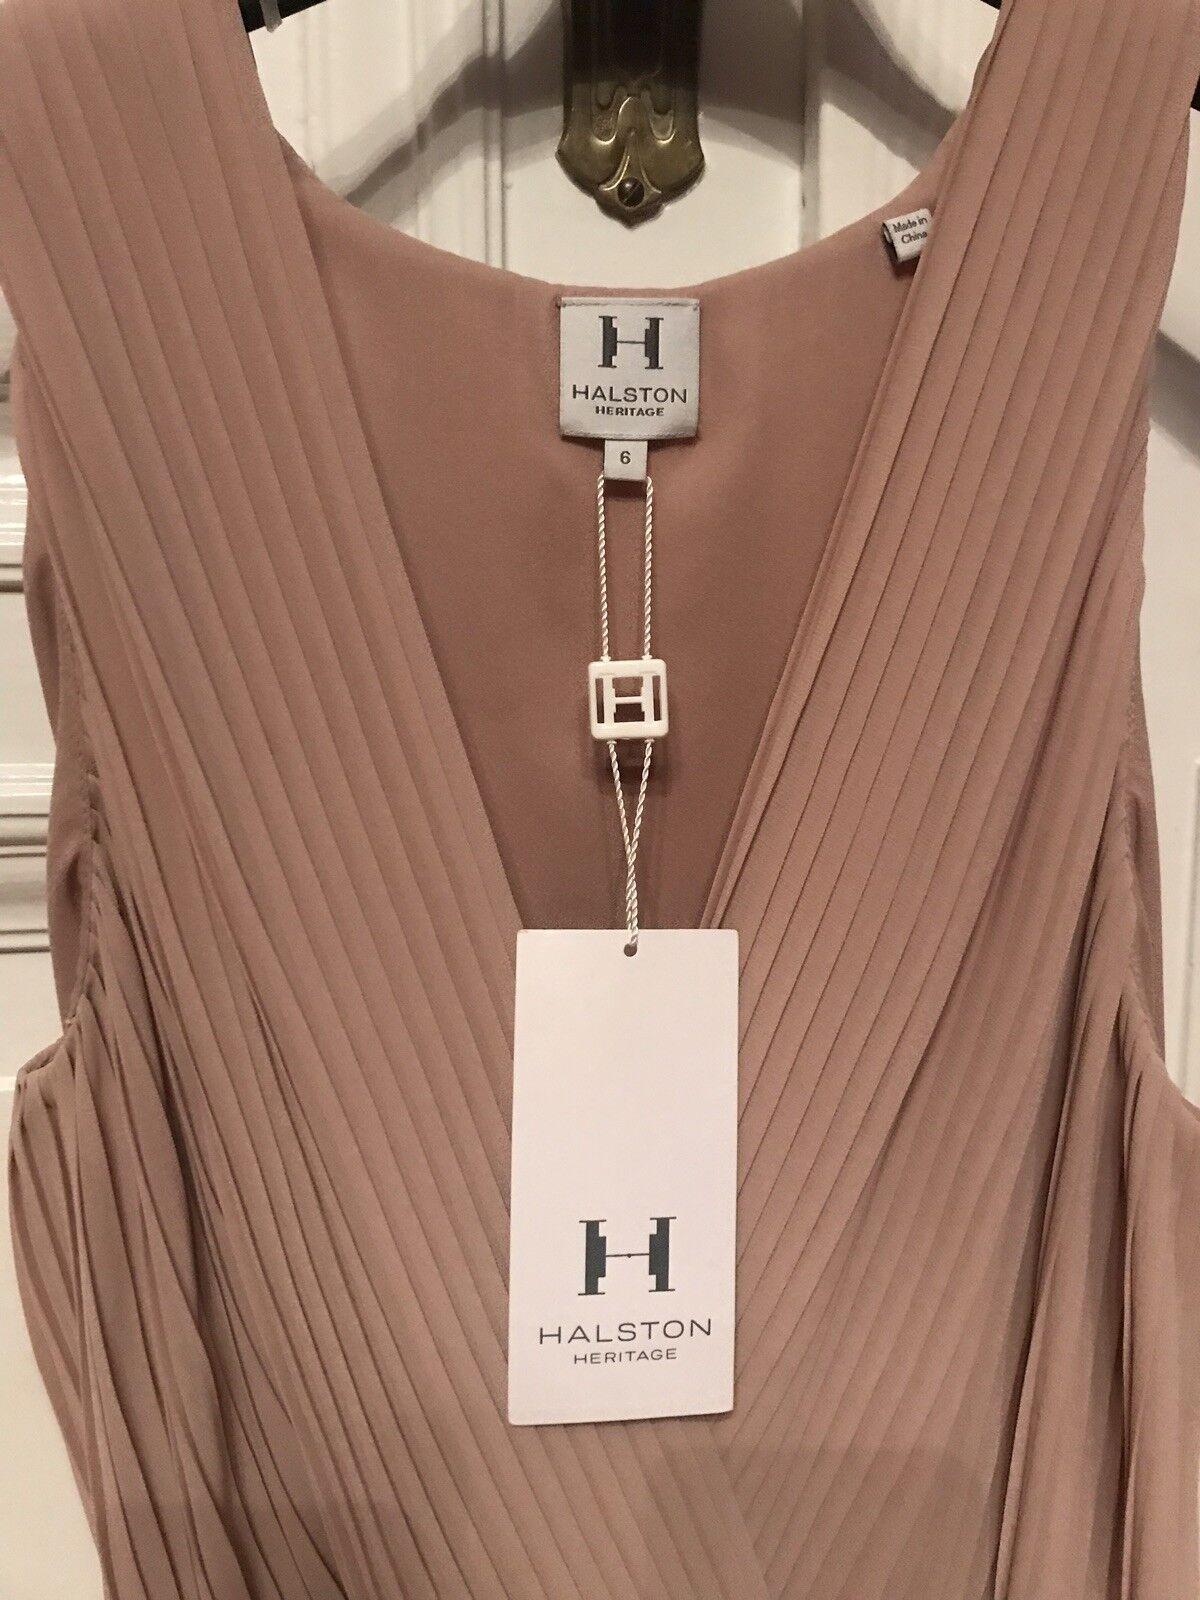 Halston Heritage Kleid Neu Neu Neu Grösse 36 8ce80c